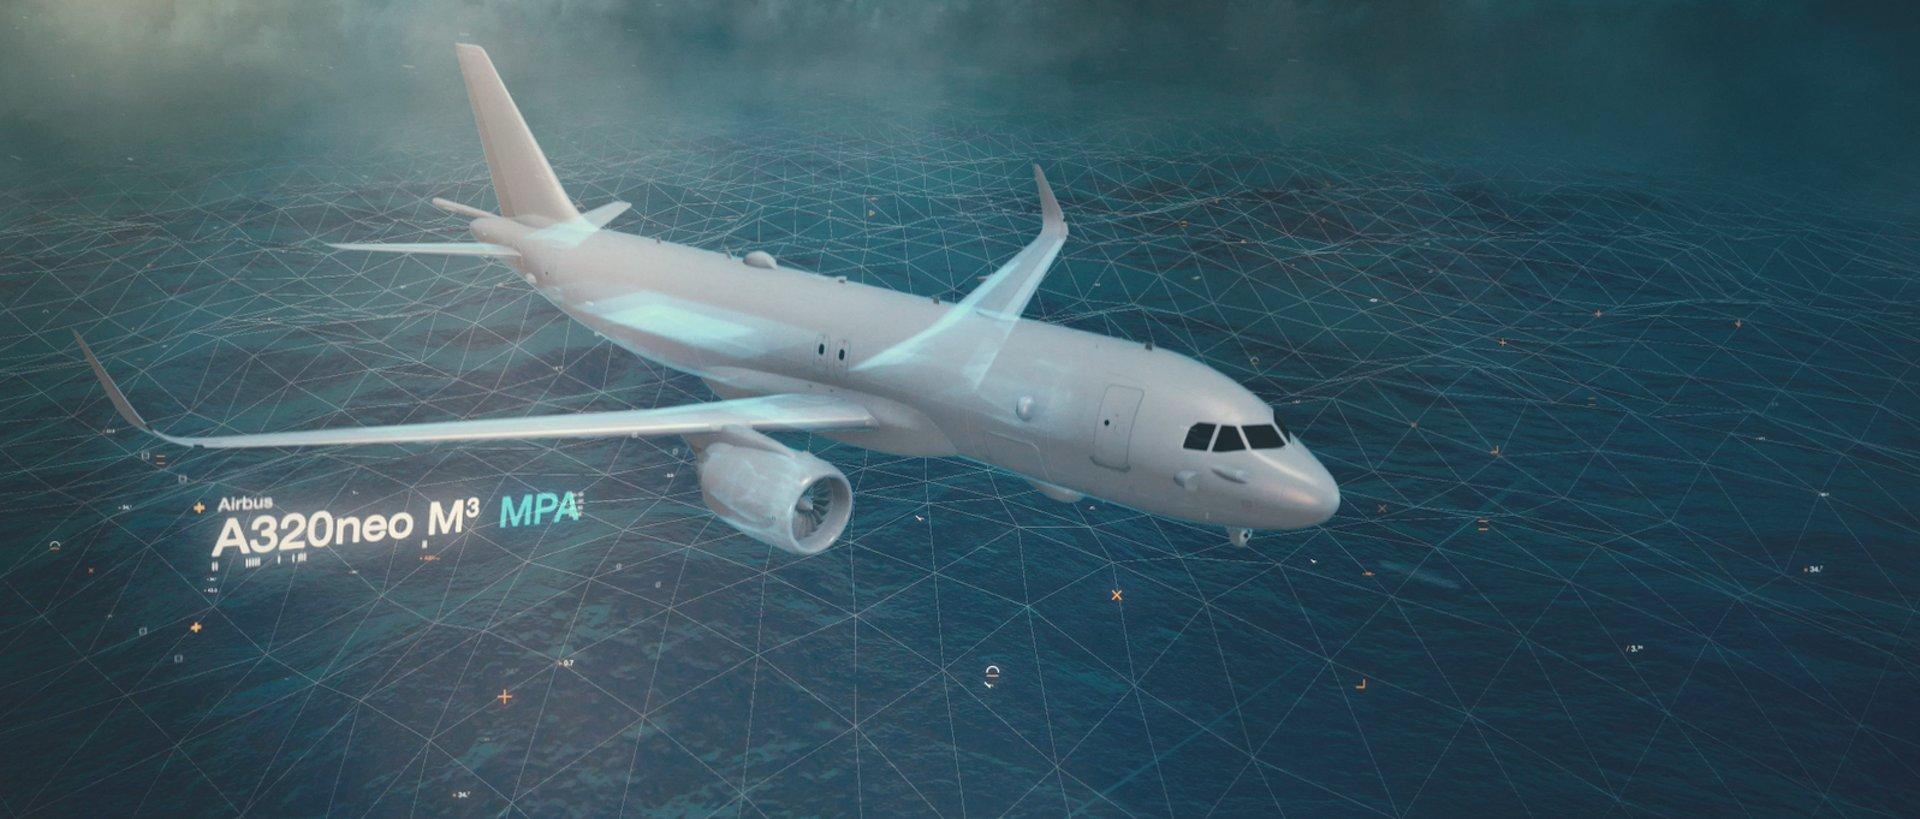 A320neoM3